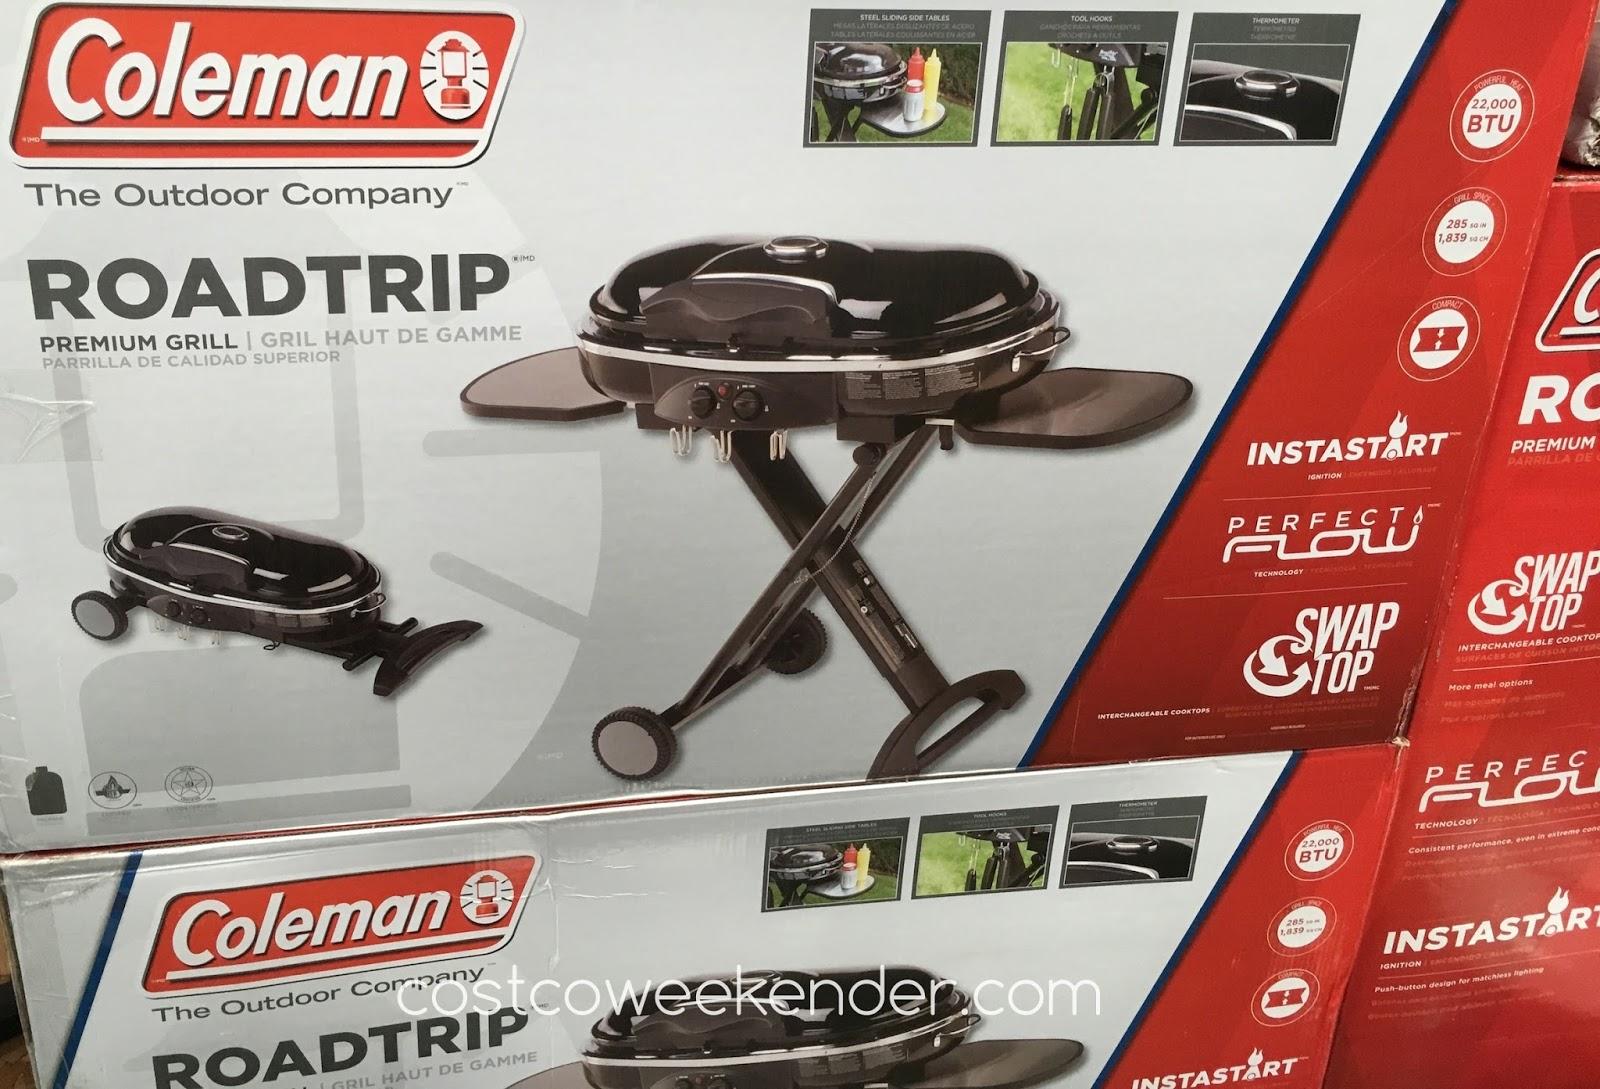 Costco Portable Bbq : Coleman roadtrip portable lxx premium grill costco weekender